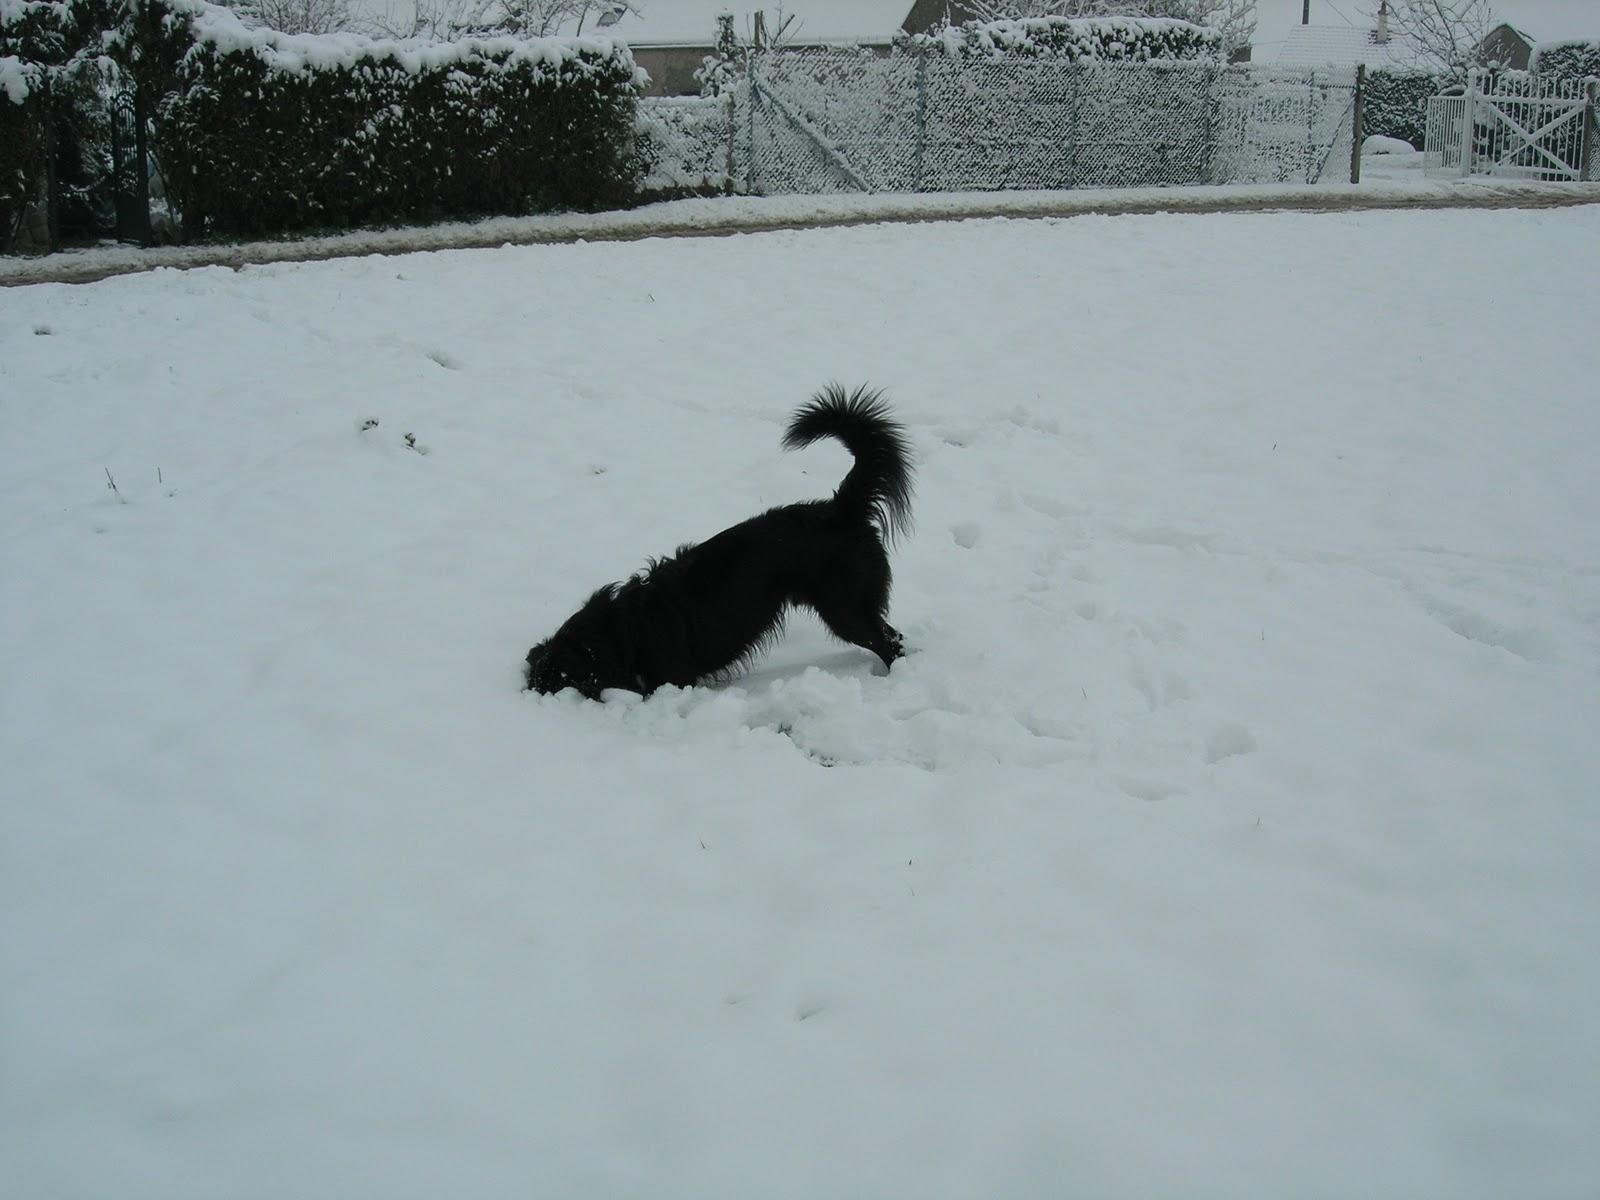 champigny sur yonne et senonais non d 39 un chien que c 39 est bon la neige champigny. Black Bedroom Furniture Sets. Home Design Ideas